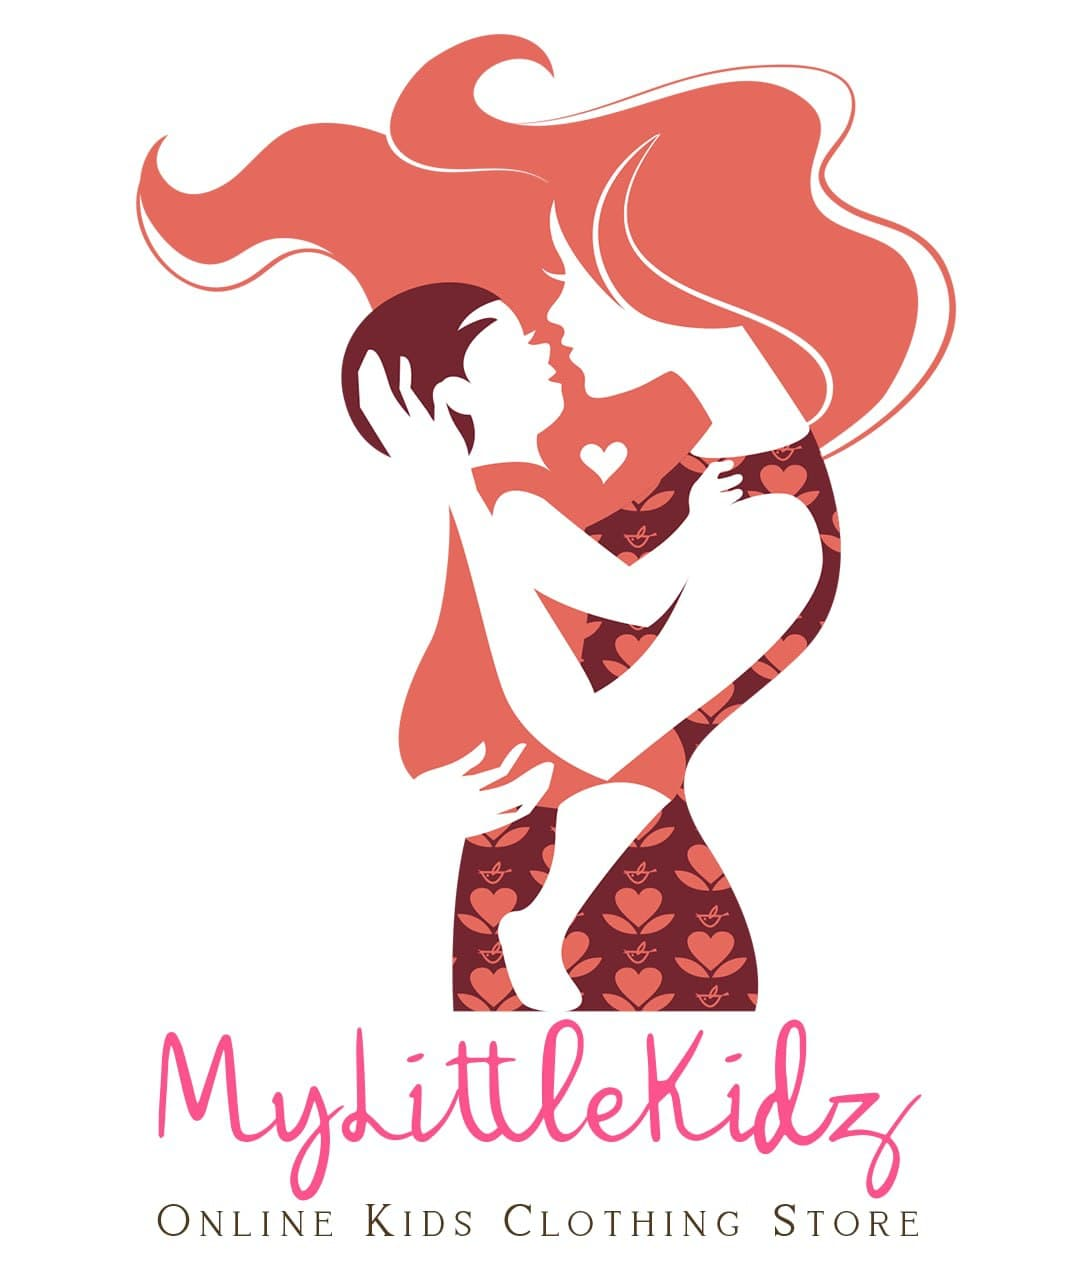 Mylittlekidz.com